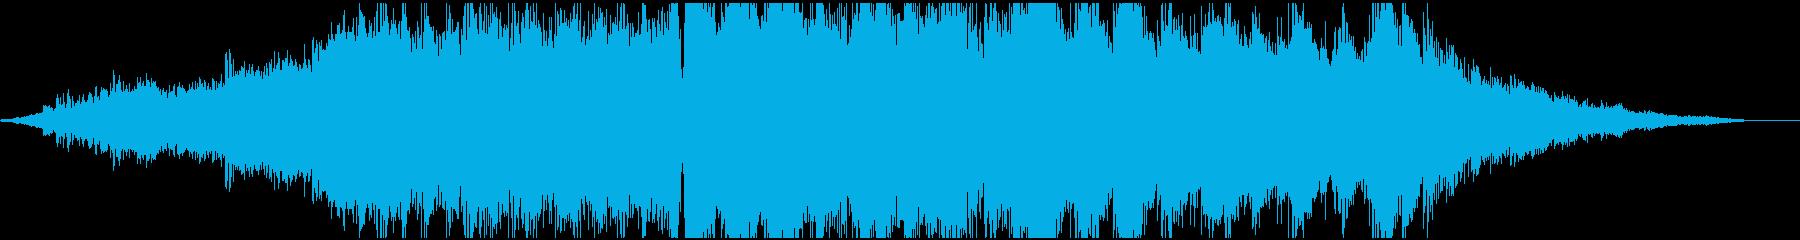 悲しくも力強い。相反するサウンドが融合!の再生済みの波形